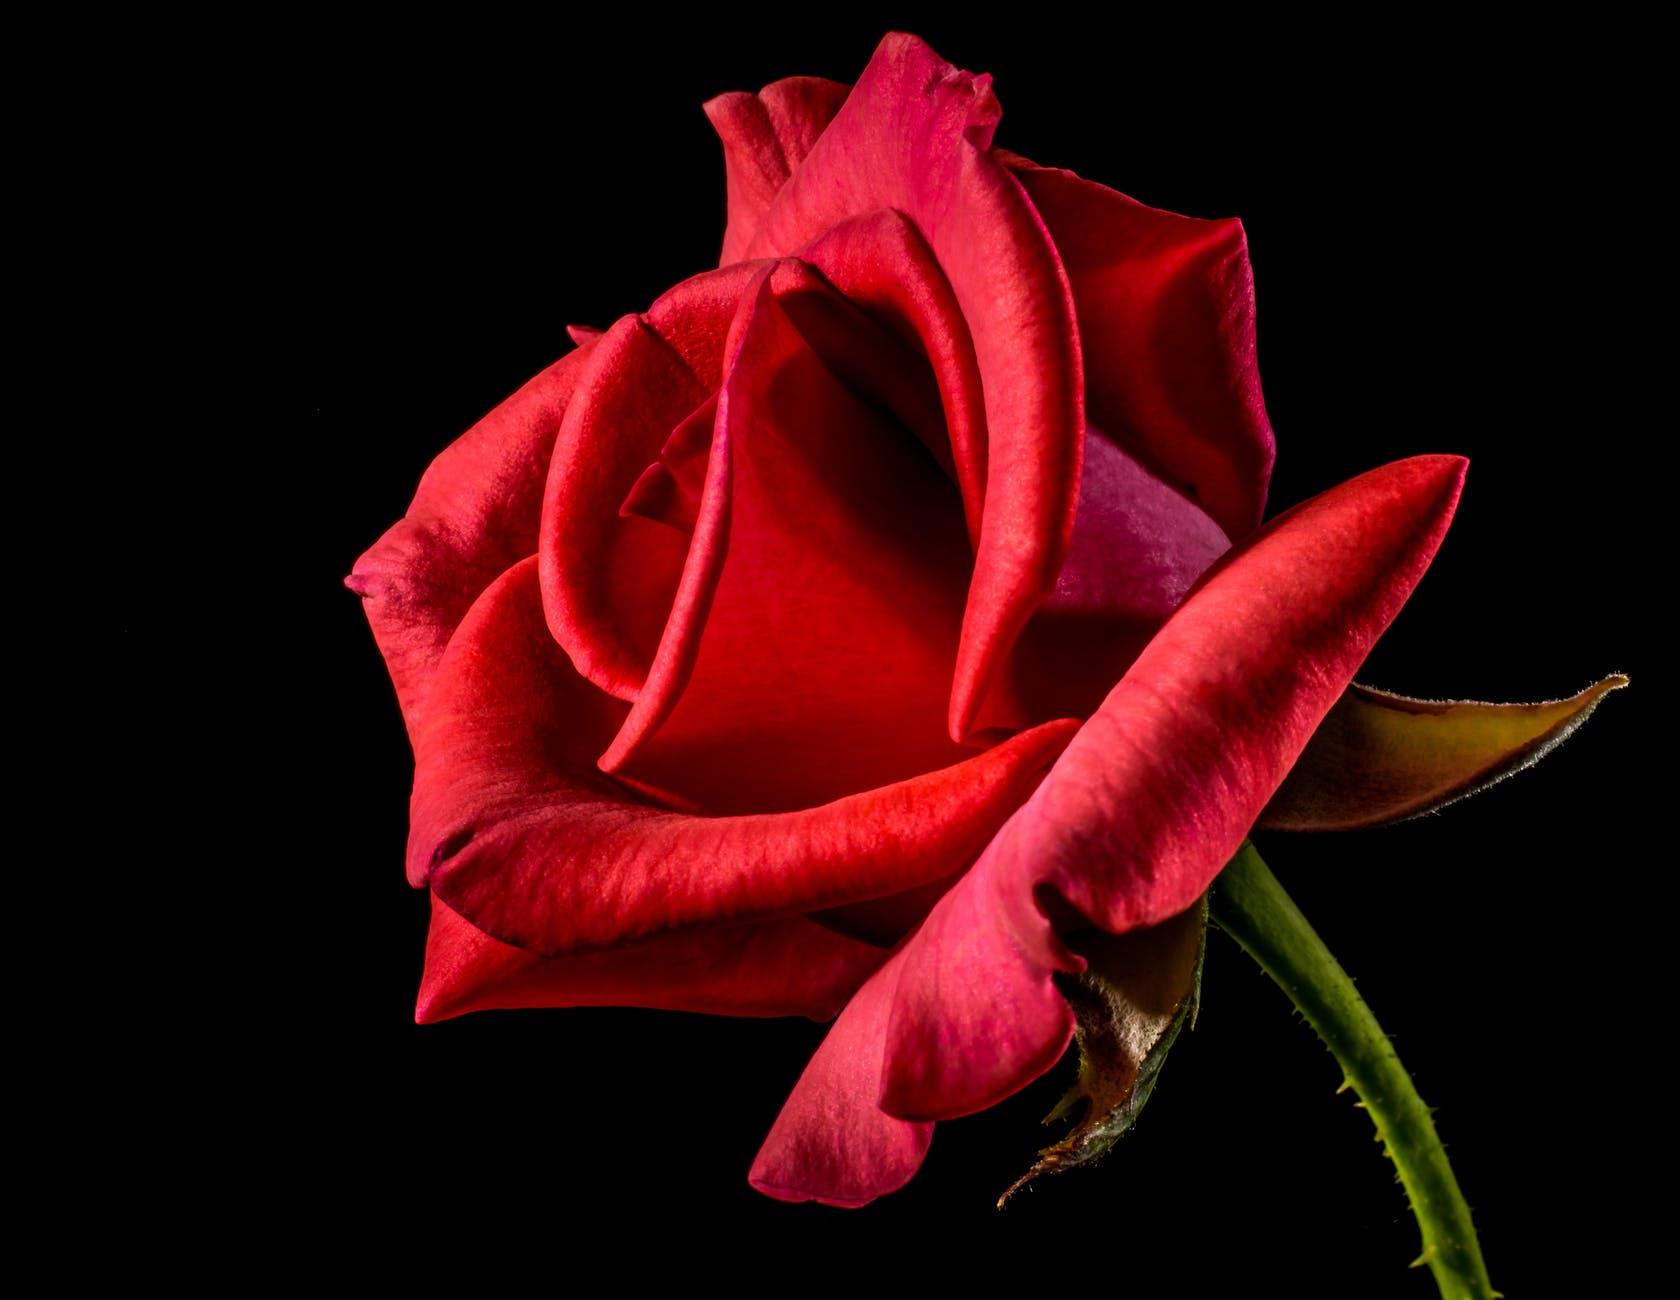 flower roses red roses bloom